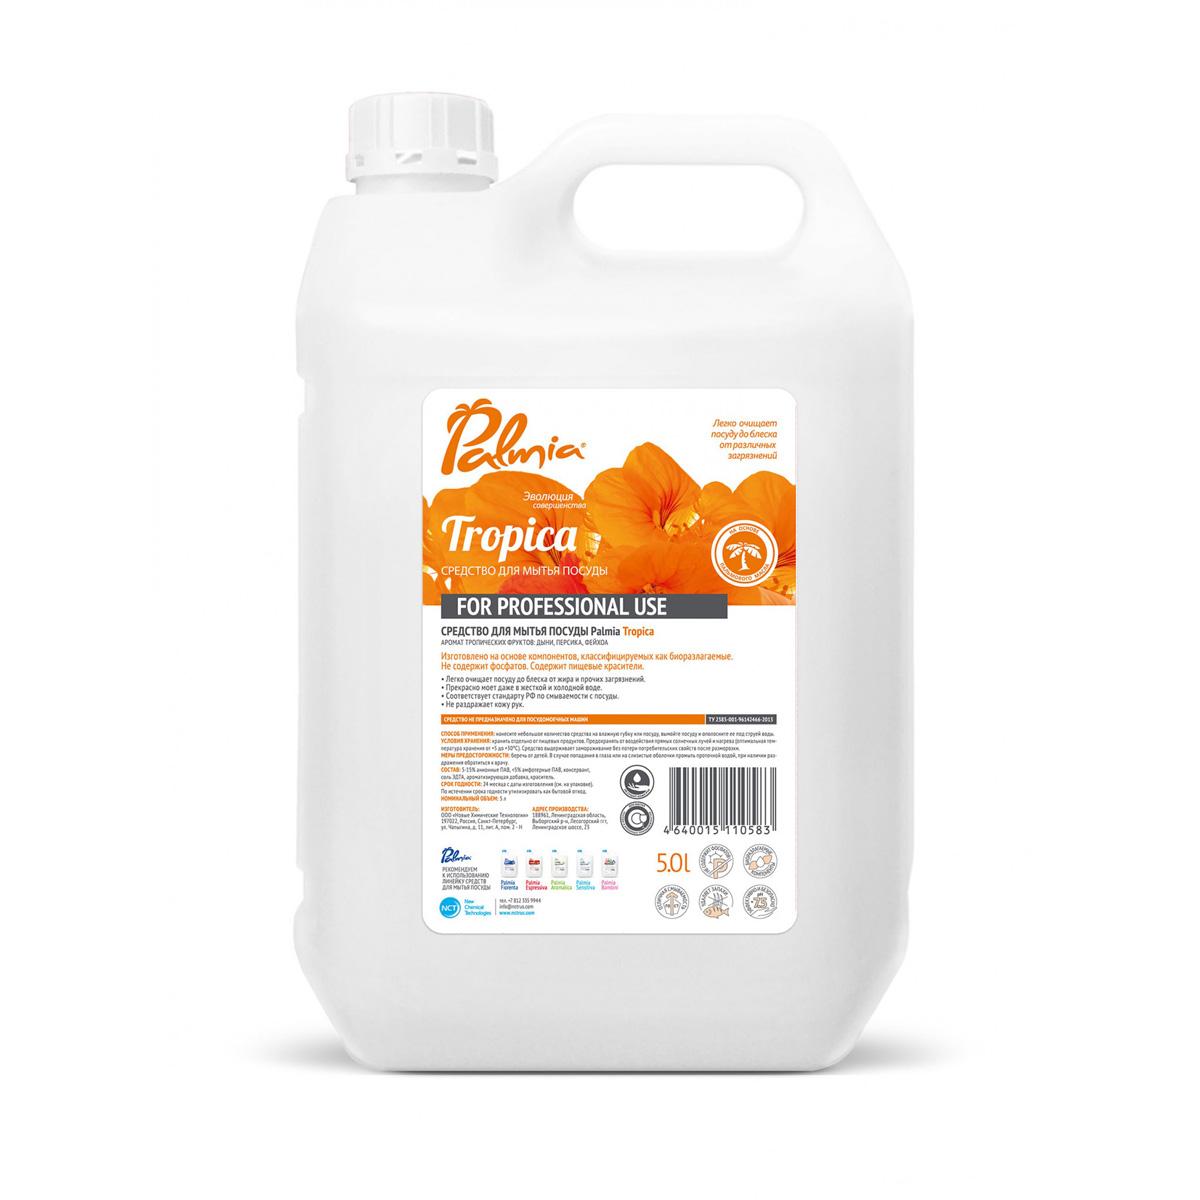 Гель для мытья посуды Palmia Tropica, с ароматом персика, дыни и фейхоа, 5 л4640015110583Гель для мытья посуды c ароматом персиков, дыни и фейхоа. Отлично смываетлюбые загрязнения, также трудновыводимые запахи. Полностью смывается приополаскивании. Продукт полностью биоразлагаем.